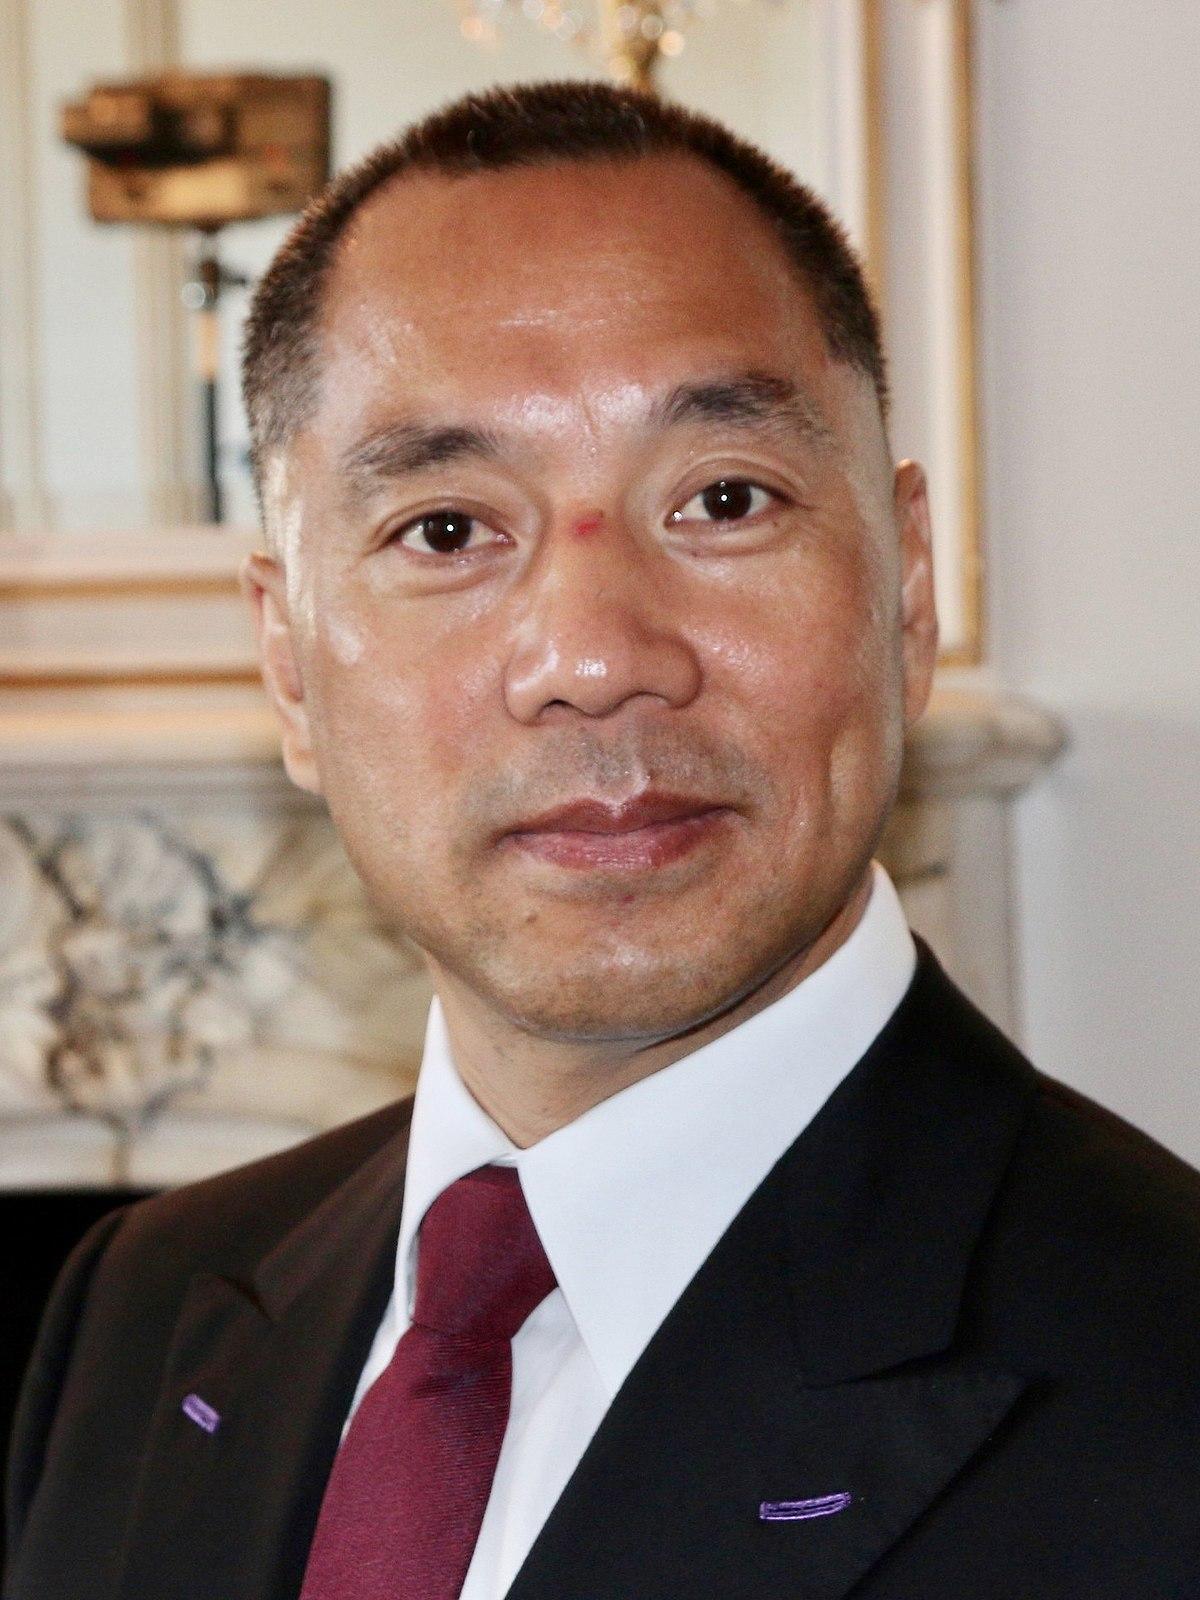 Guo Wengui - Wikipedia